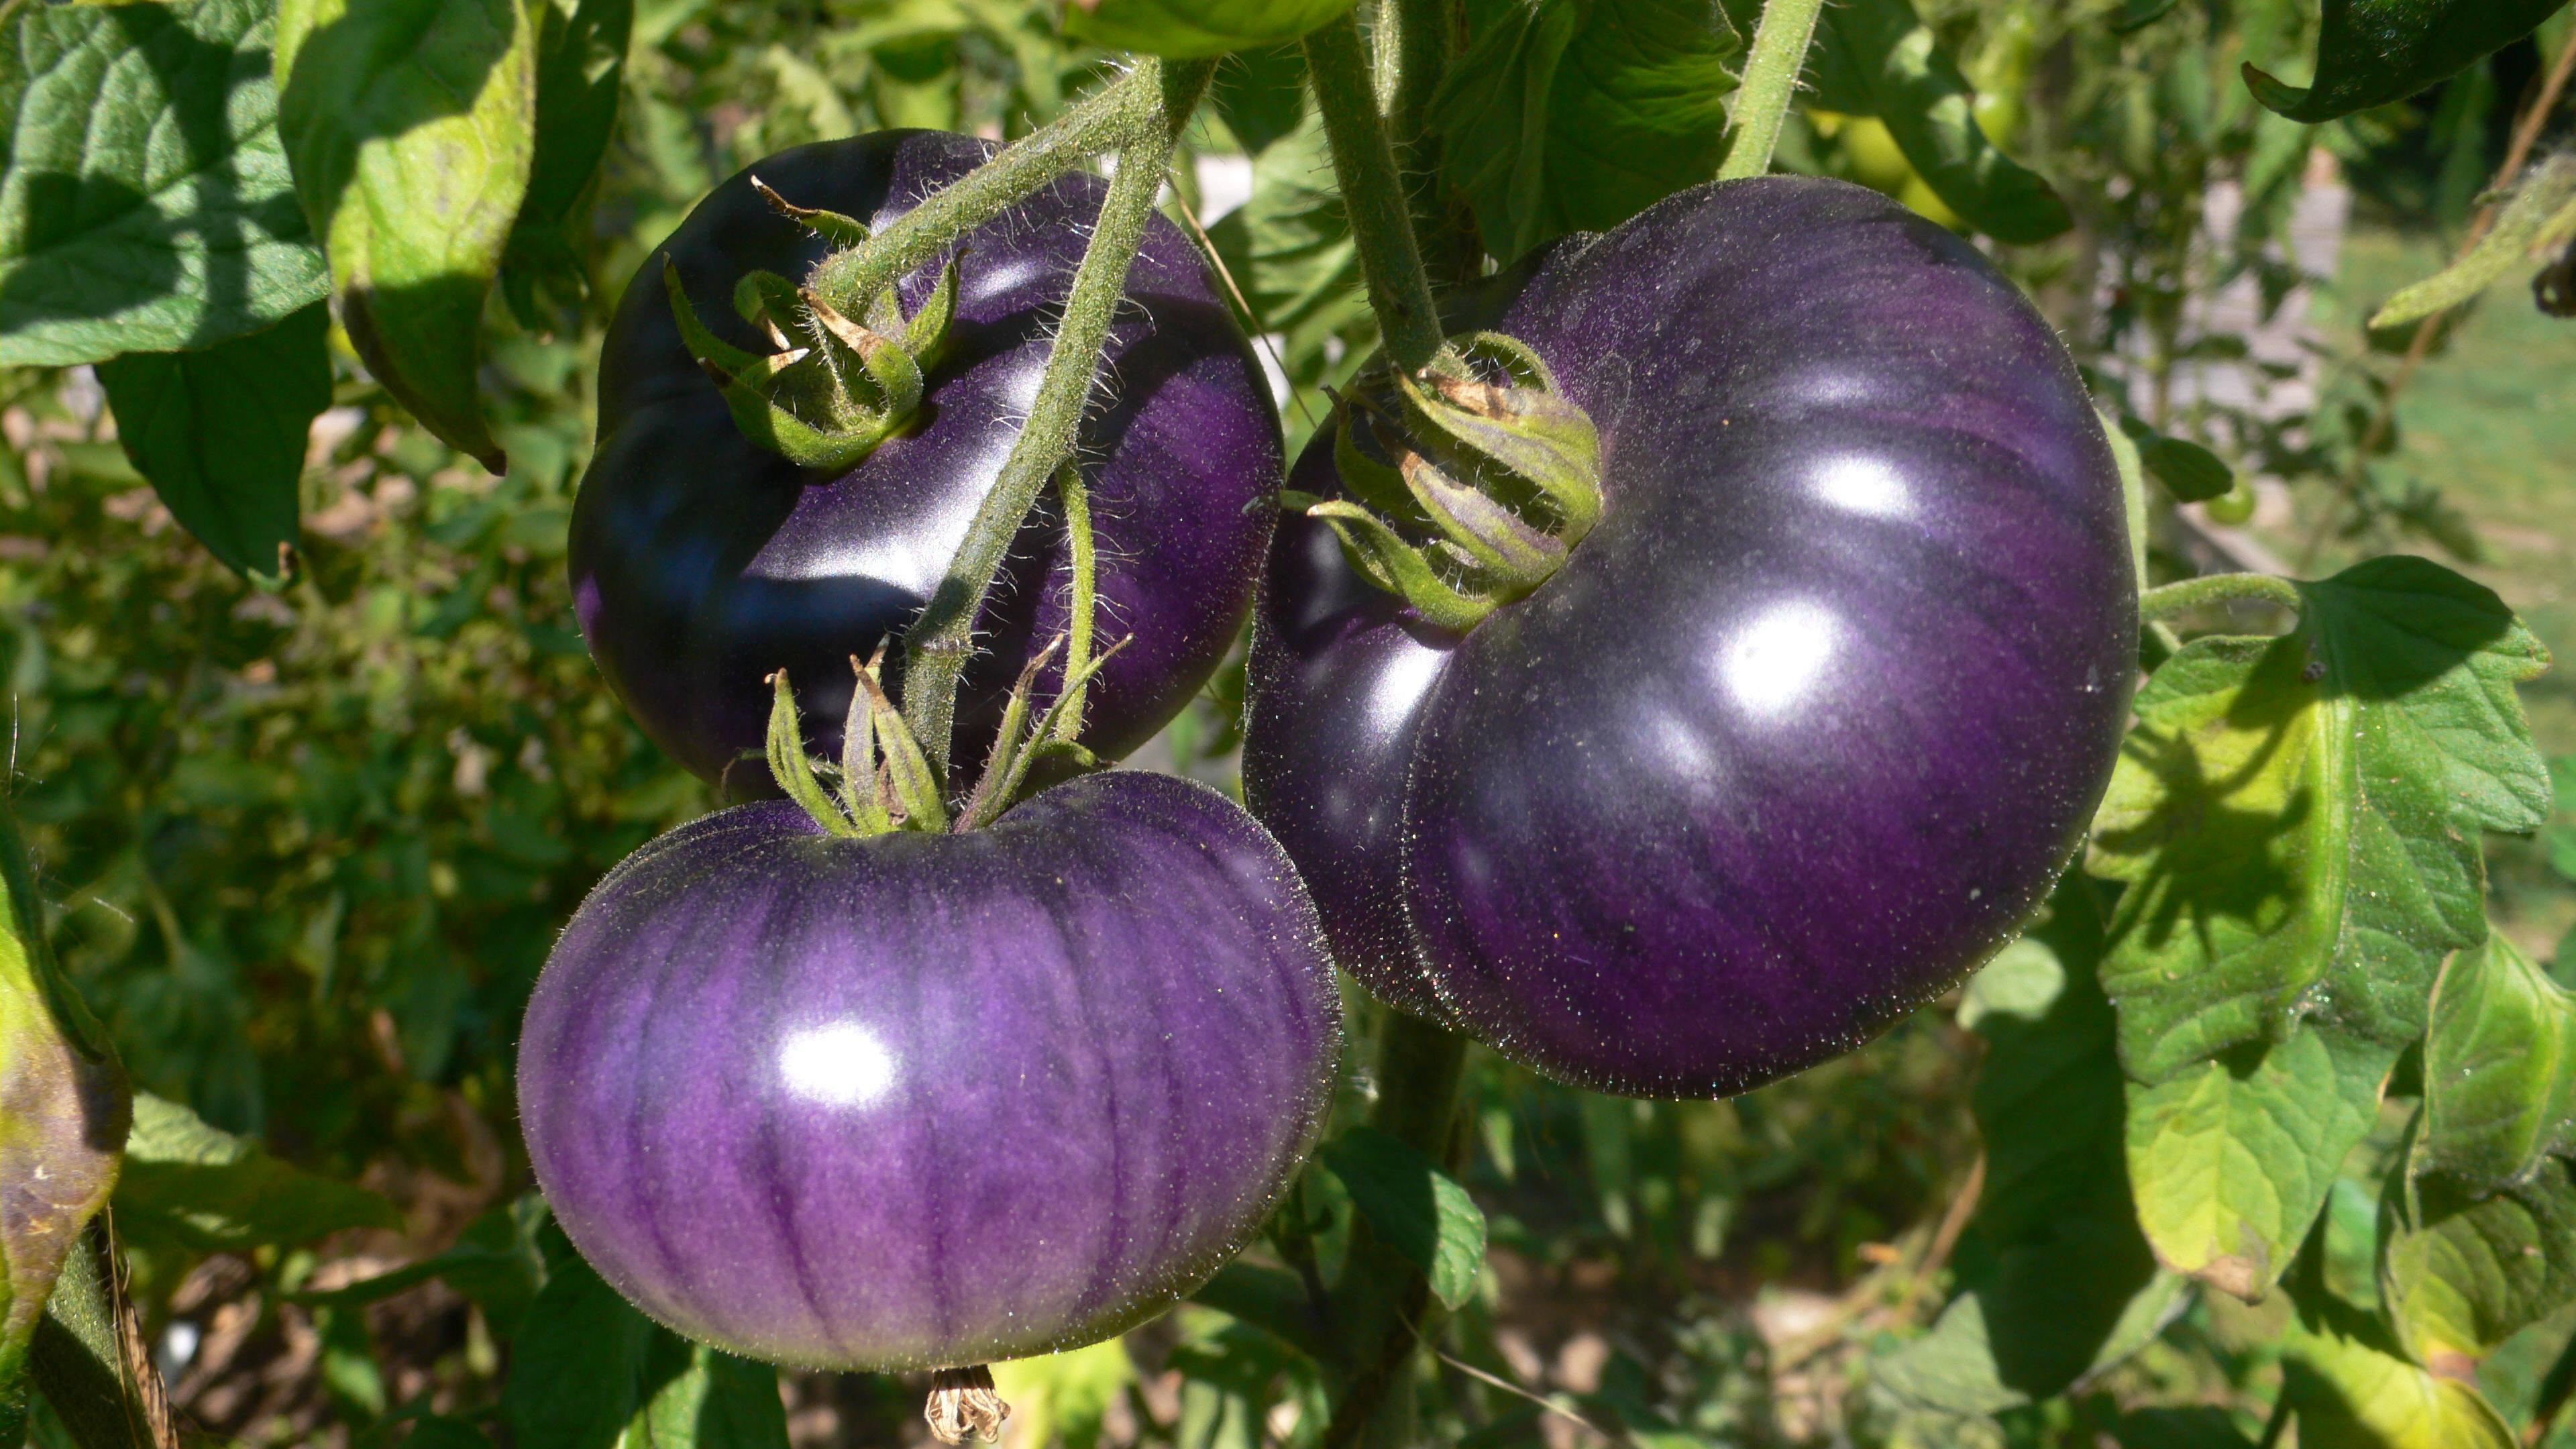 Lilafarbene Tomaten enthalten nicht nur Carotinoide, sondern auch Anthocyane